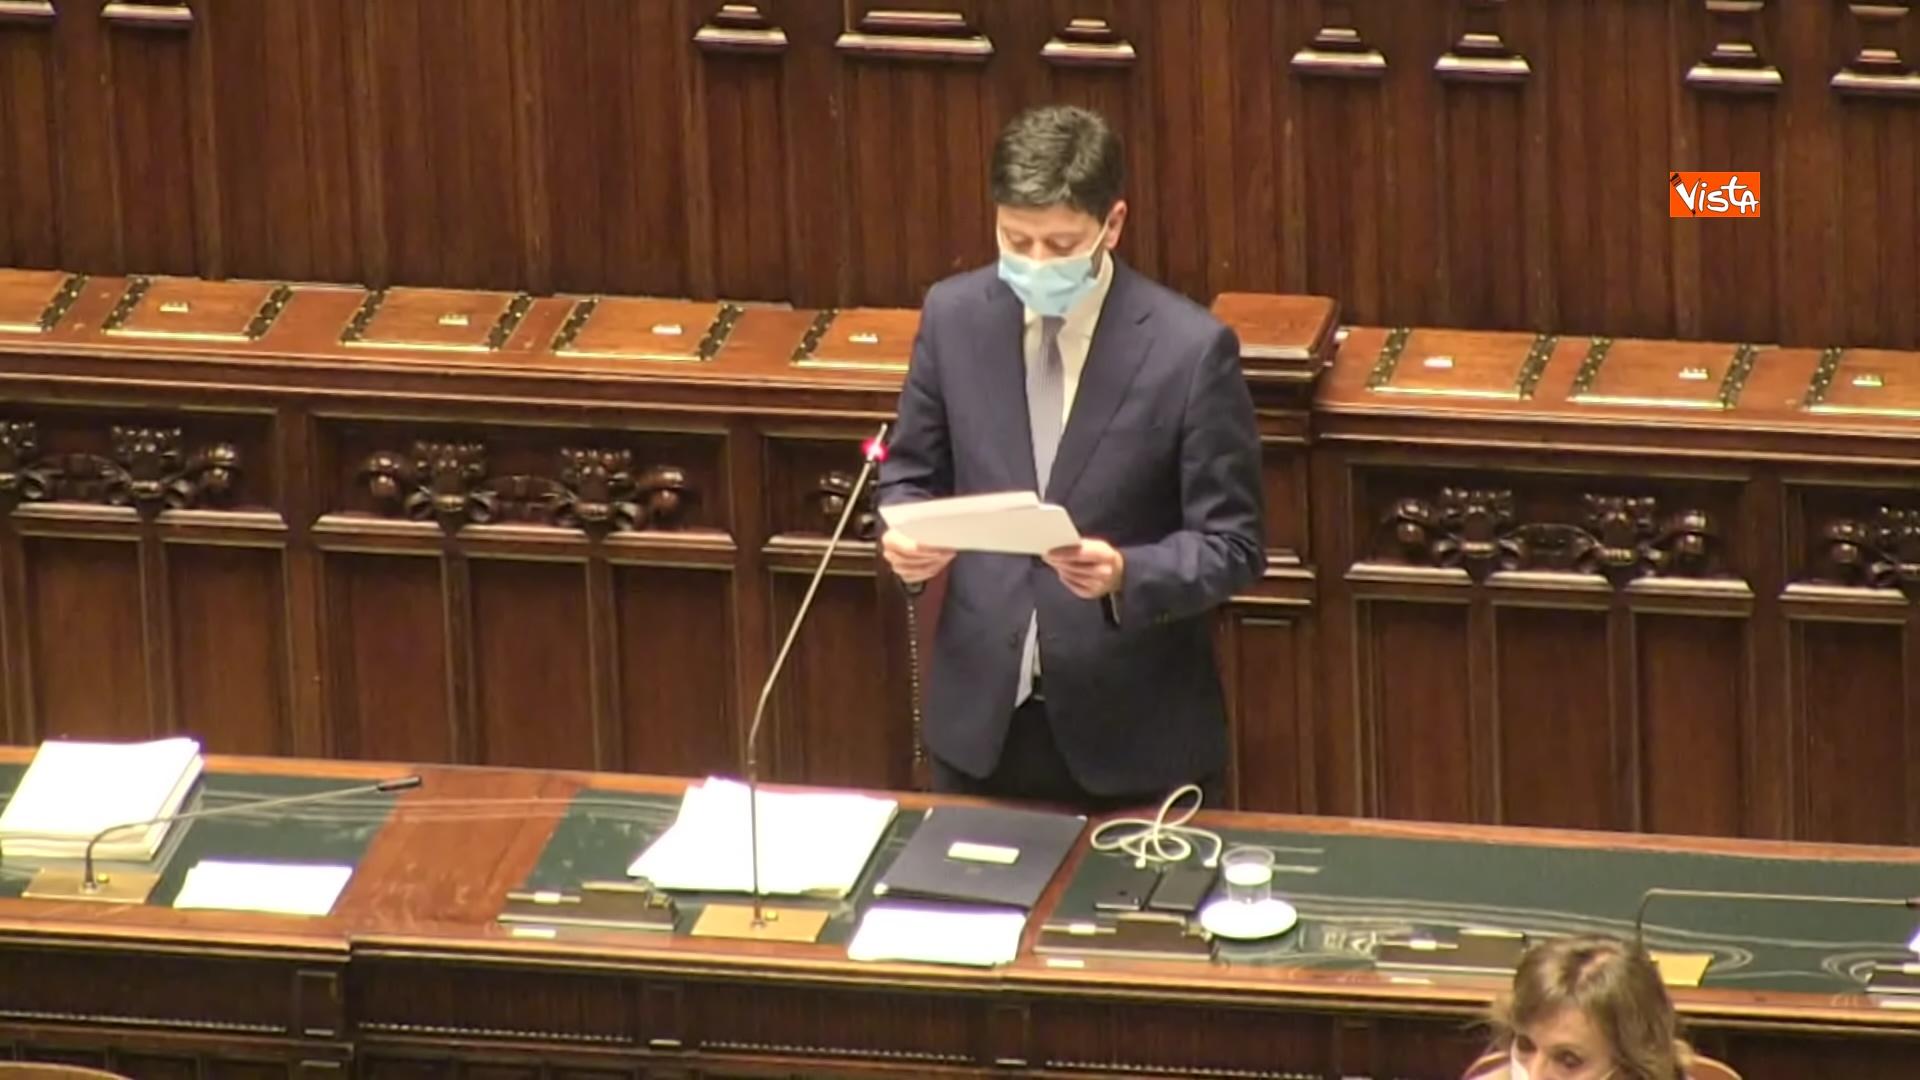 02-12-20 Il ministro Speranza riferisce alla Camera su piano vaccini e nuovo Dpcm, le foto_09